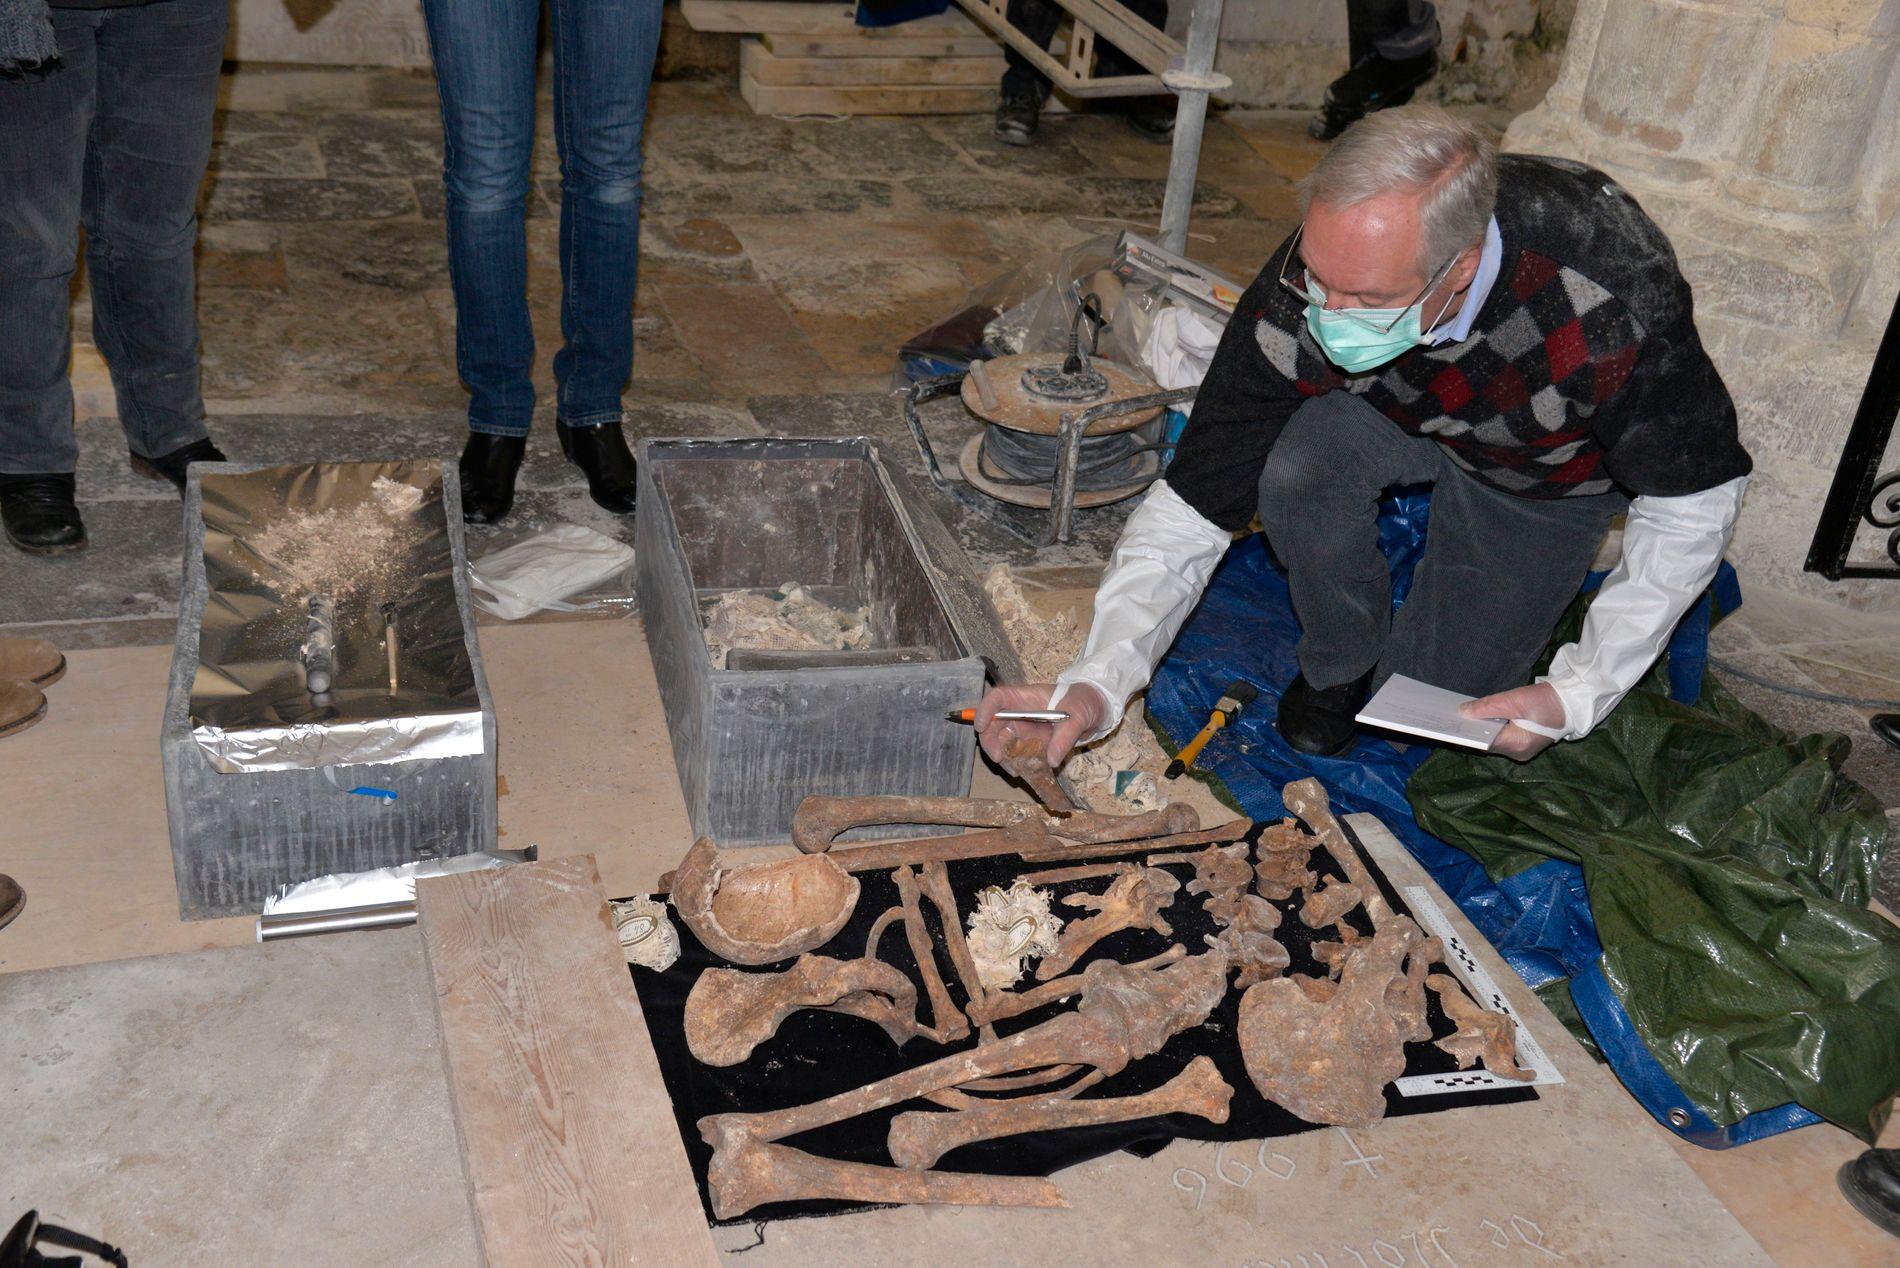 SJEKKER: Fra gravåpningen i Fécamp februar 2016 i forbindelse med DNA-prosjektet om Rollos (Gamge-Rolv) opphav ) Foto: